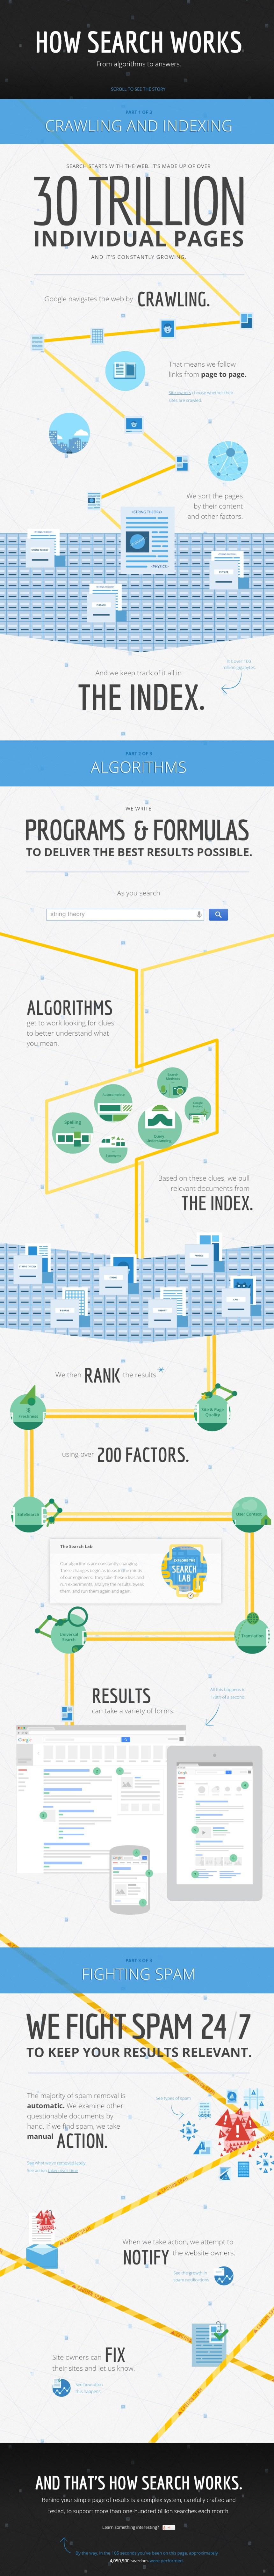 Cómo explica Google el funcionamiento de su buscador